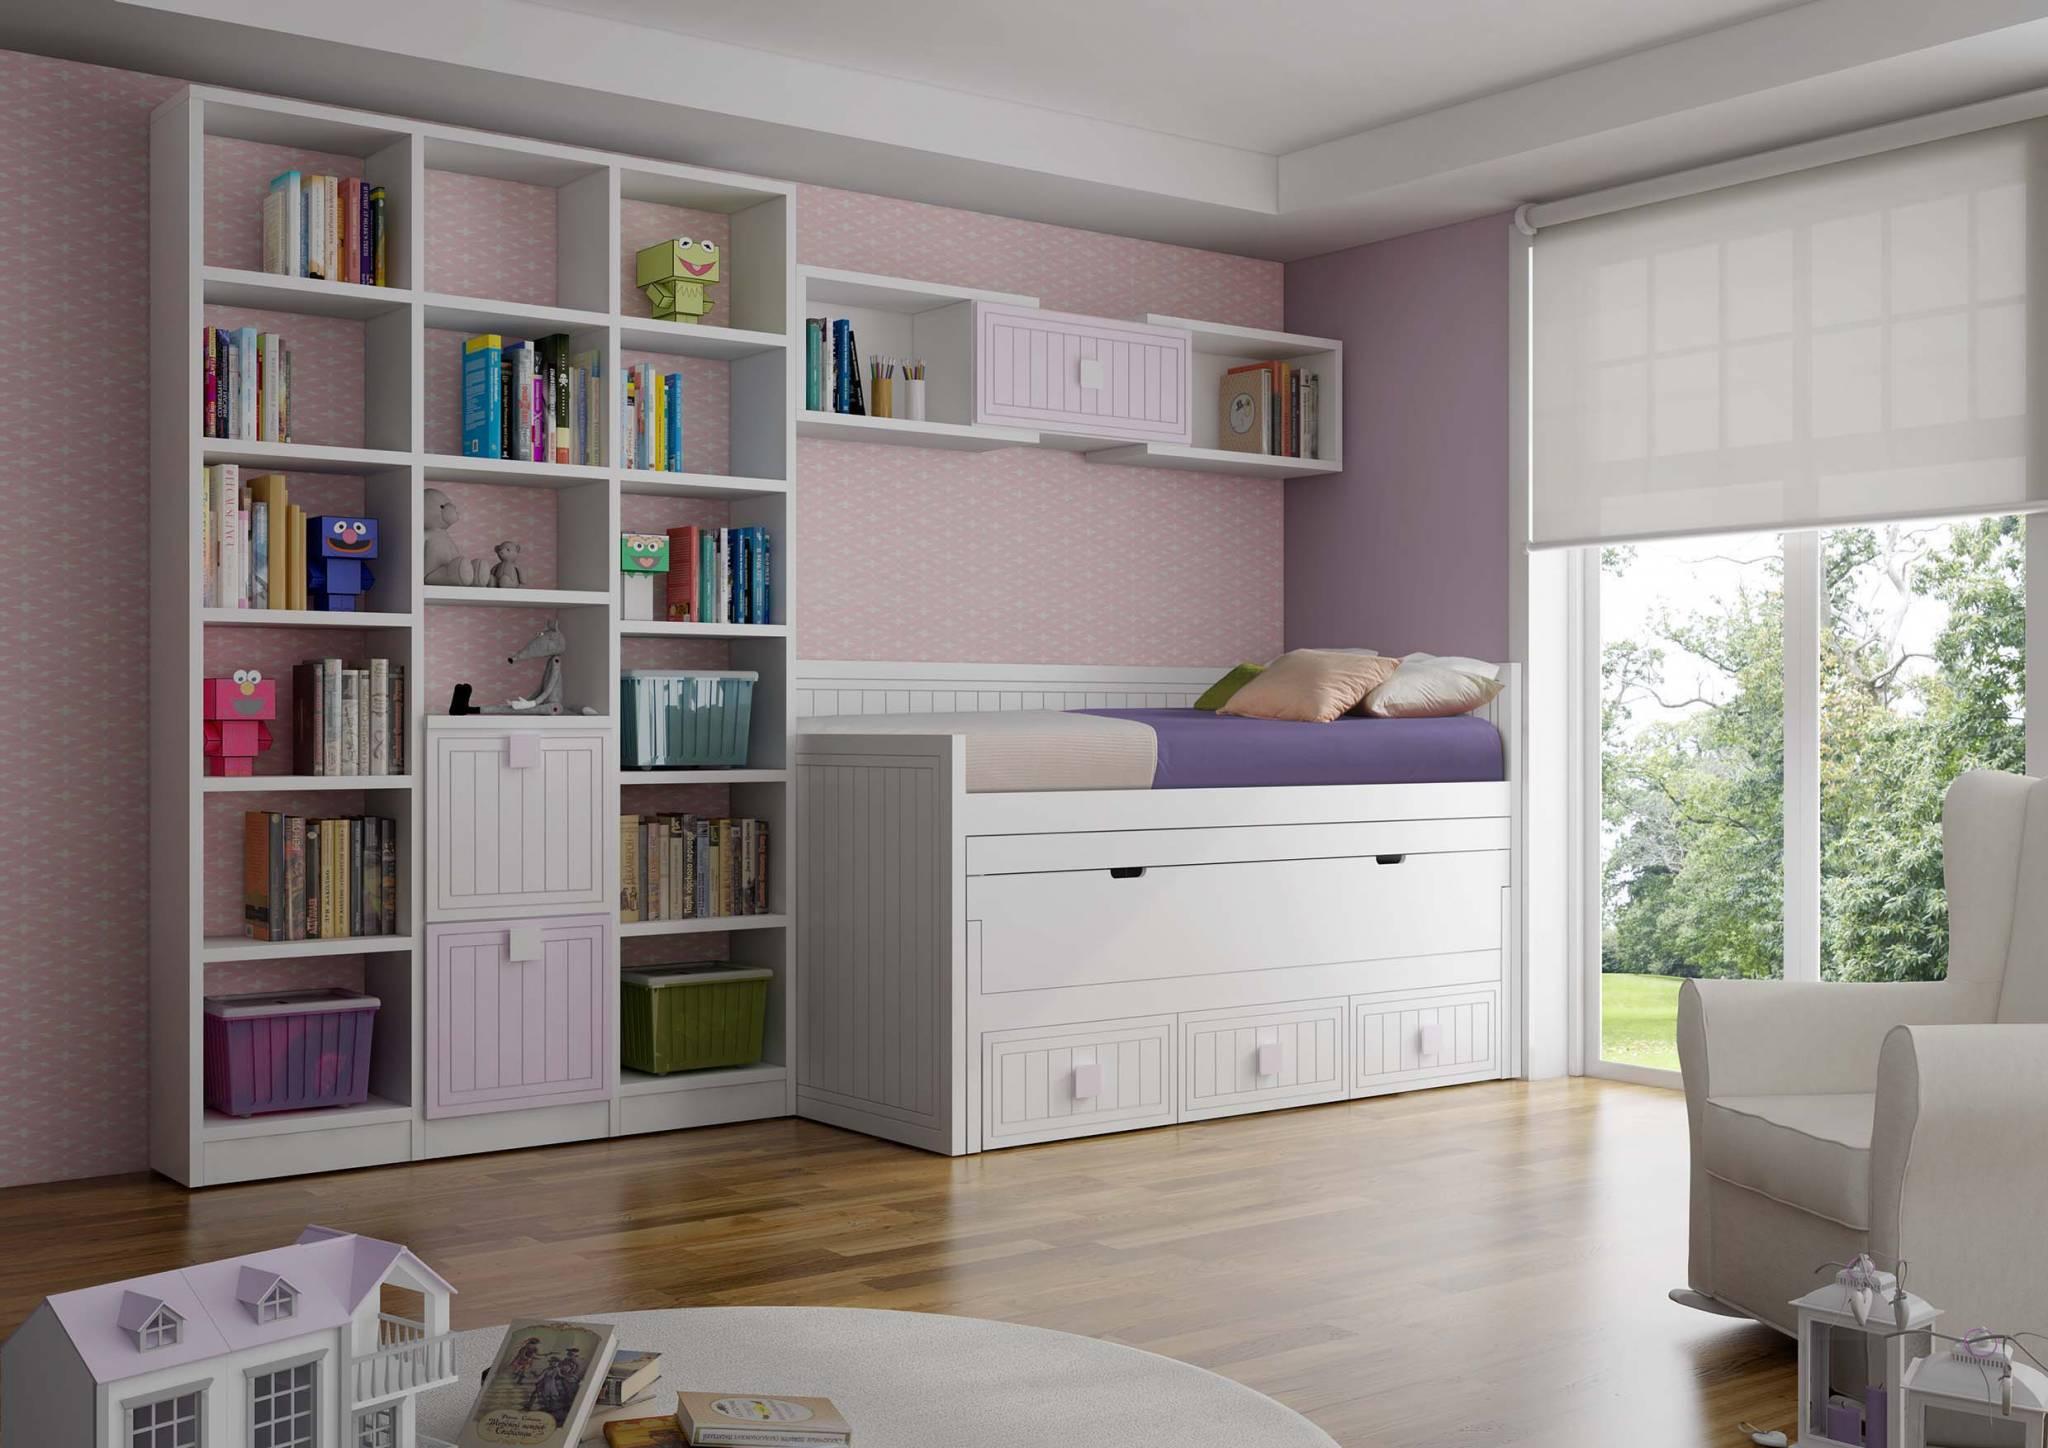 Juvenil Lacado Belver. Dormitorio Juvenil Lacado Compacto en Mesa Escritorio. Muebles Díaz